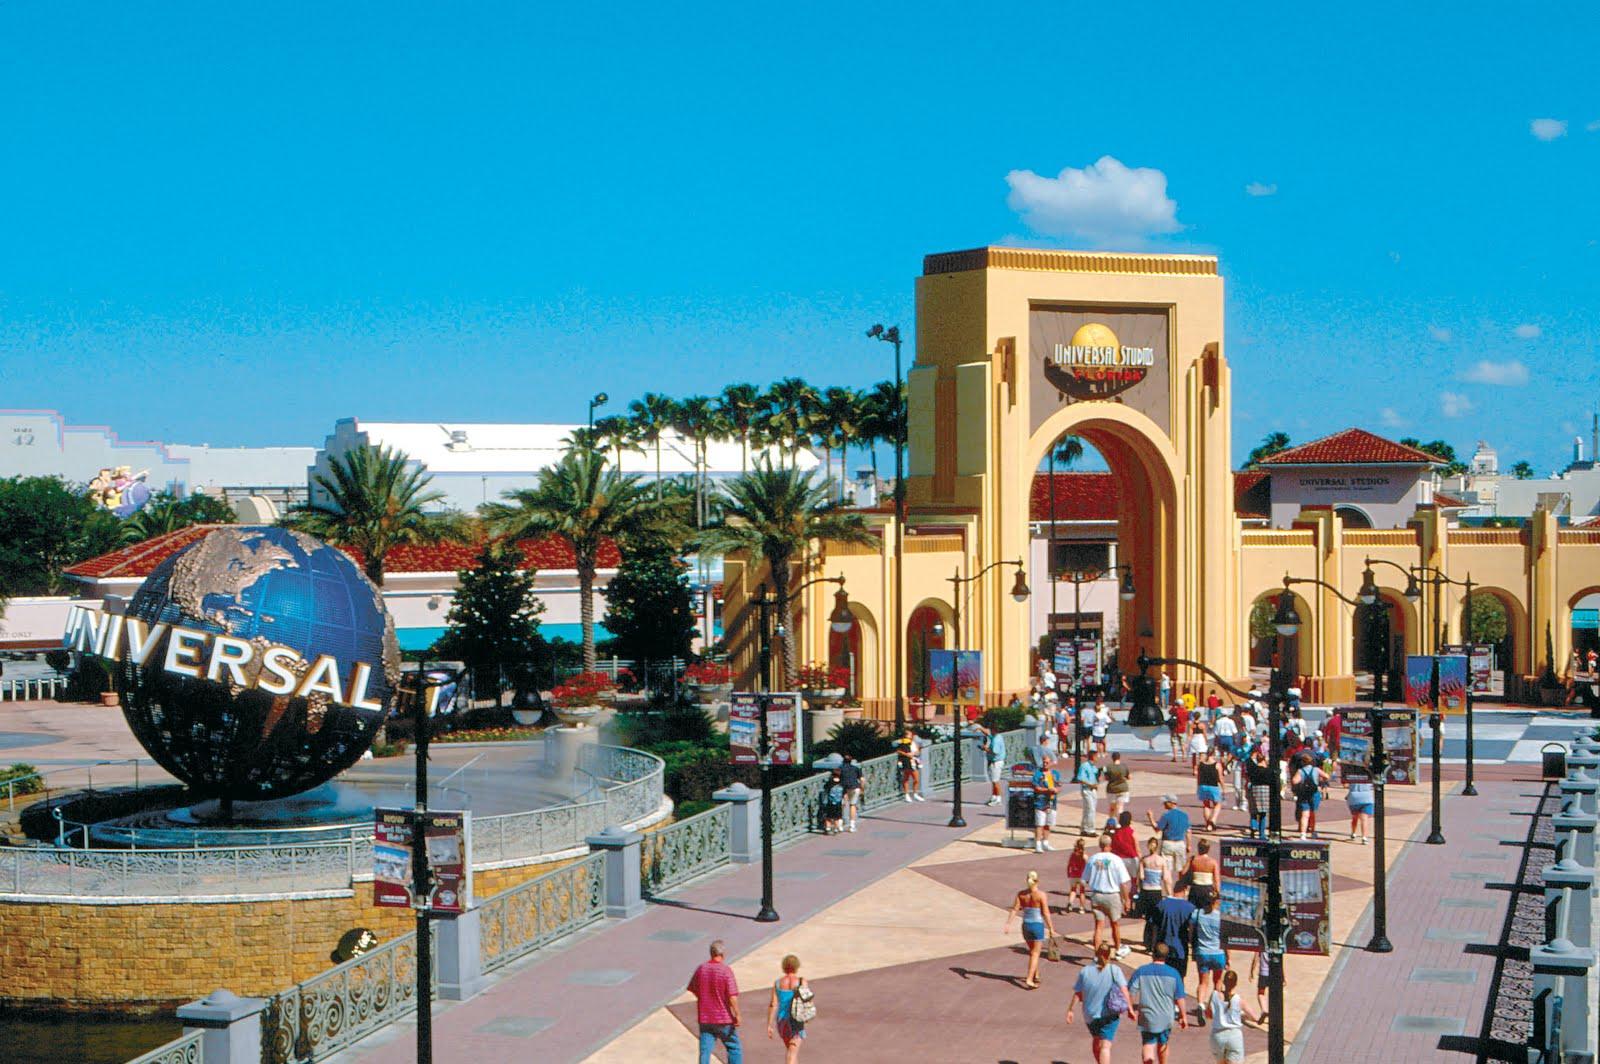 Universal Studios Florida dividido em seis zonas Production 1600x1064